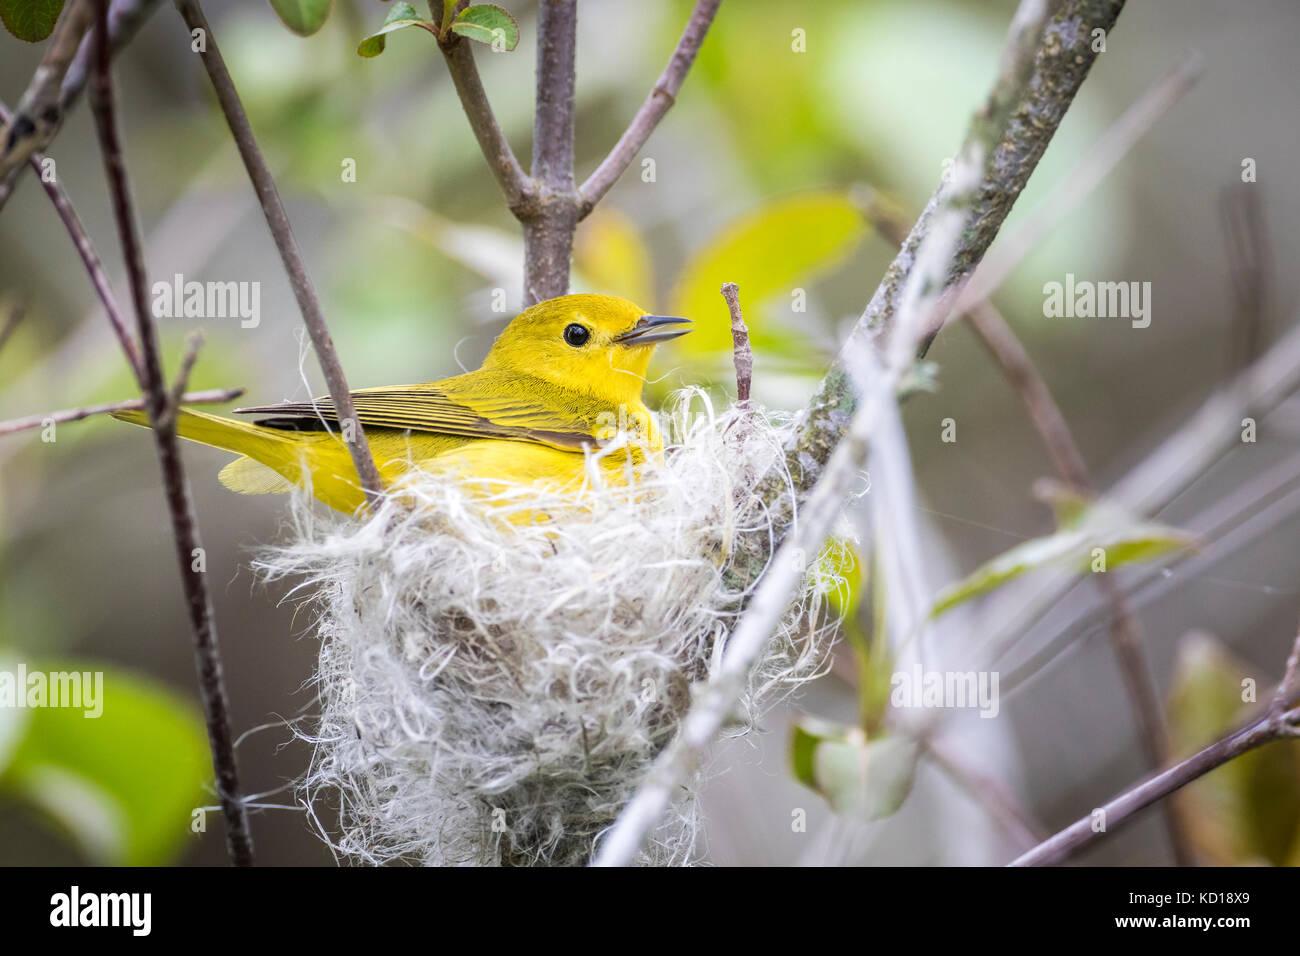 Femme paruline jaune (setophaga petechia) construction d'un nid de fluffy de fibres végétales et de Photo Stock